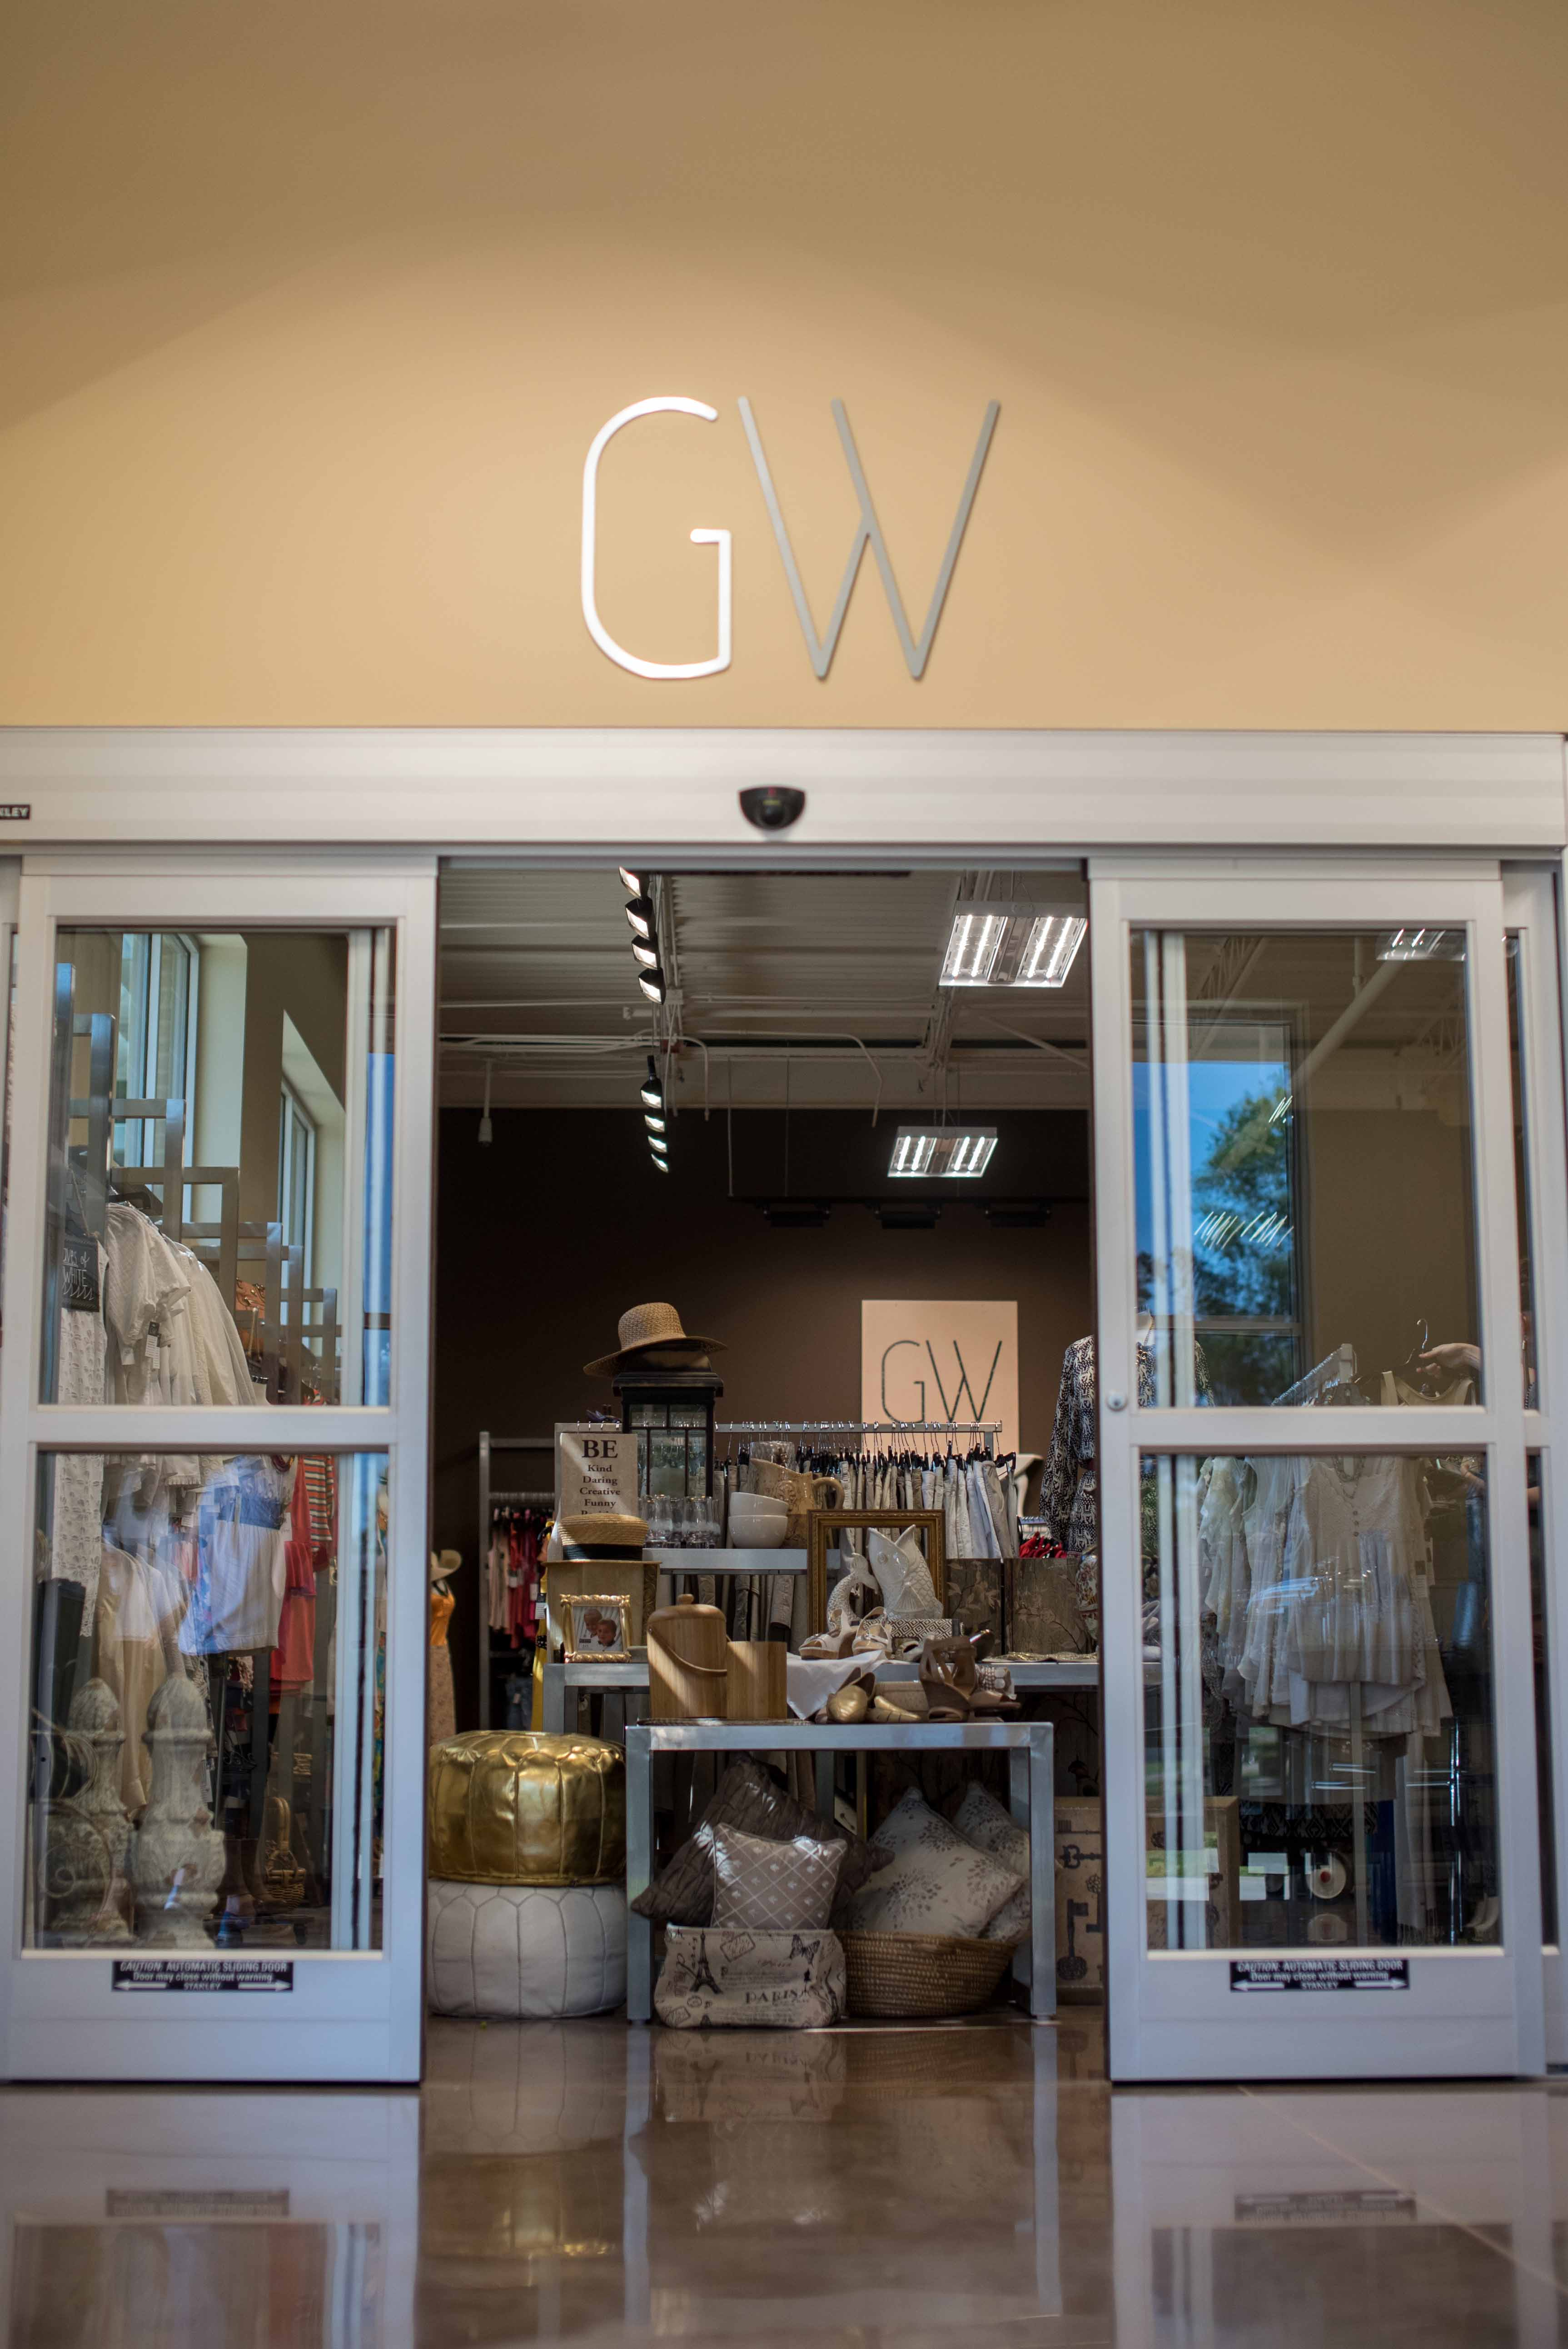 Goodwill-GW-38